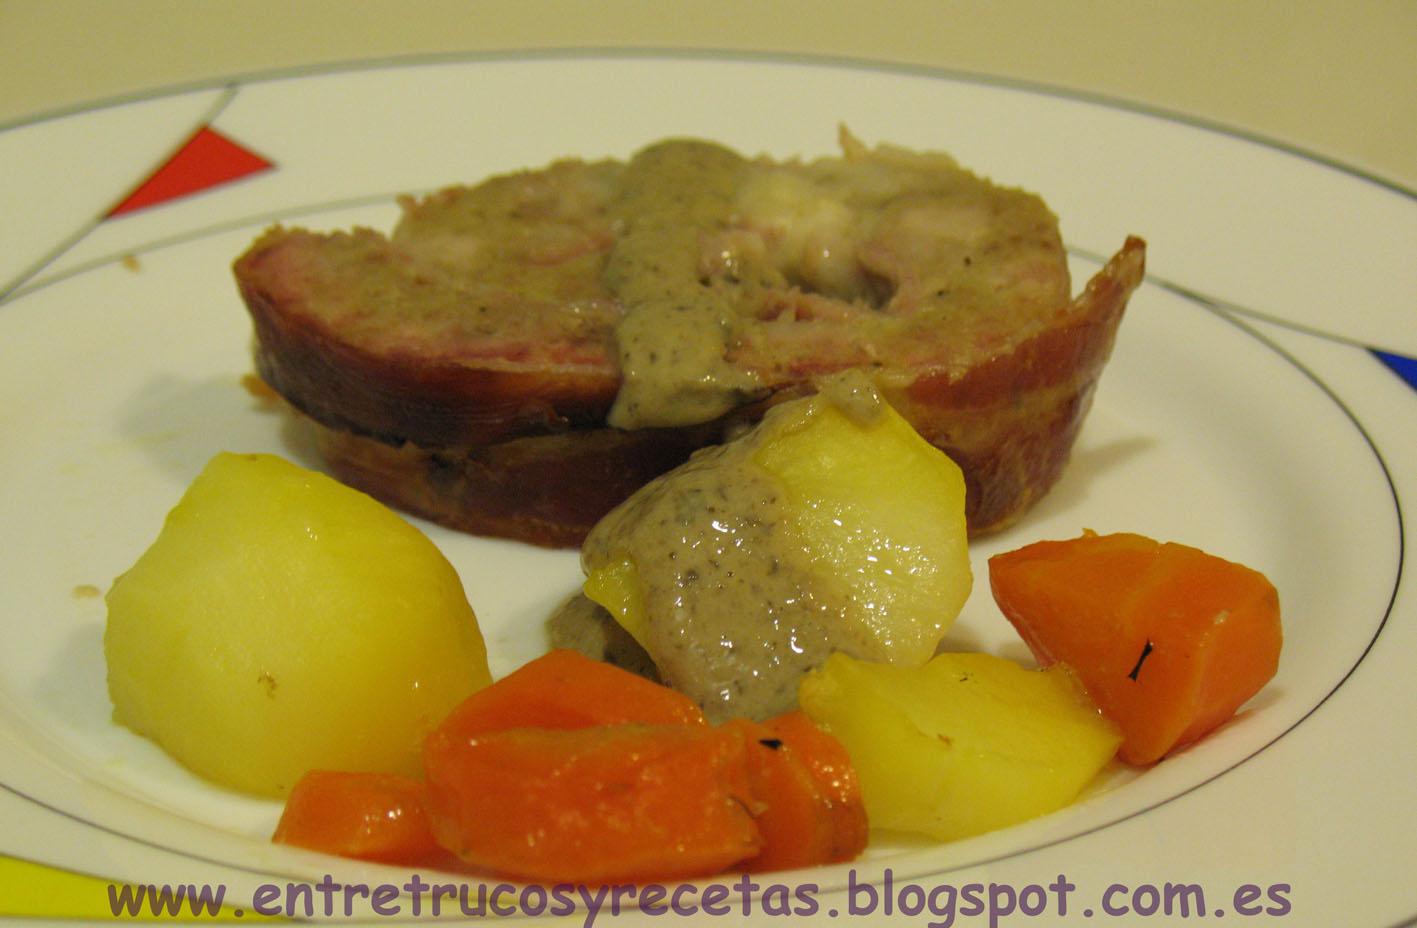 Entre trucos y recetas aprendemos de belleza rollo de - Guarniciones para carne en salsa ...